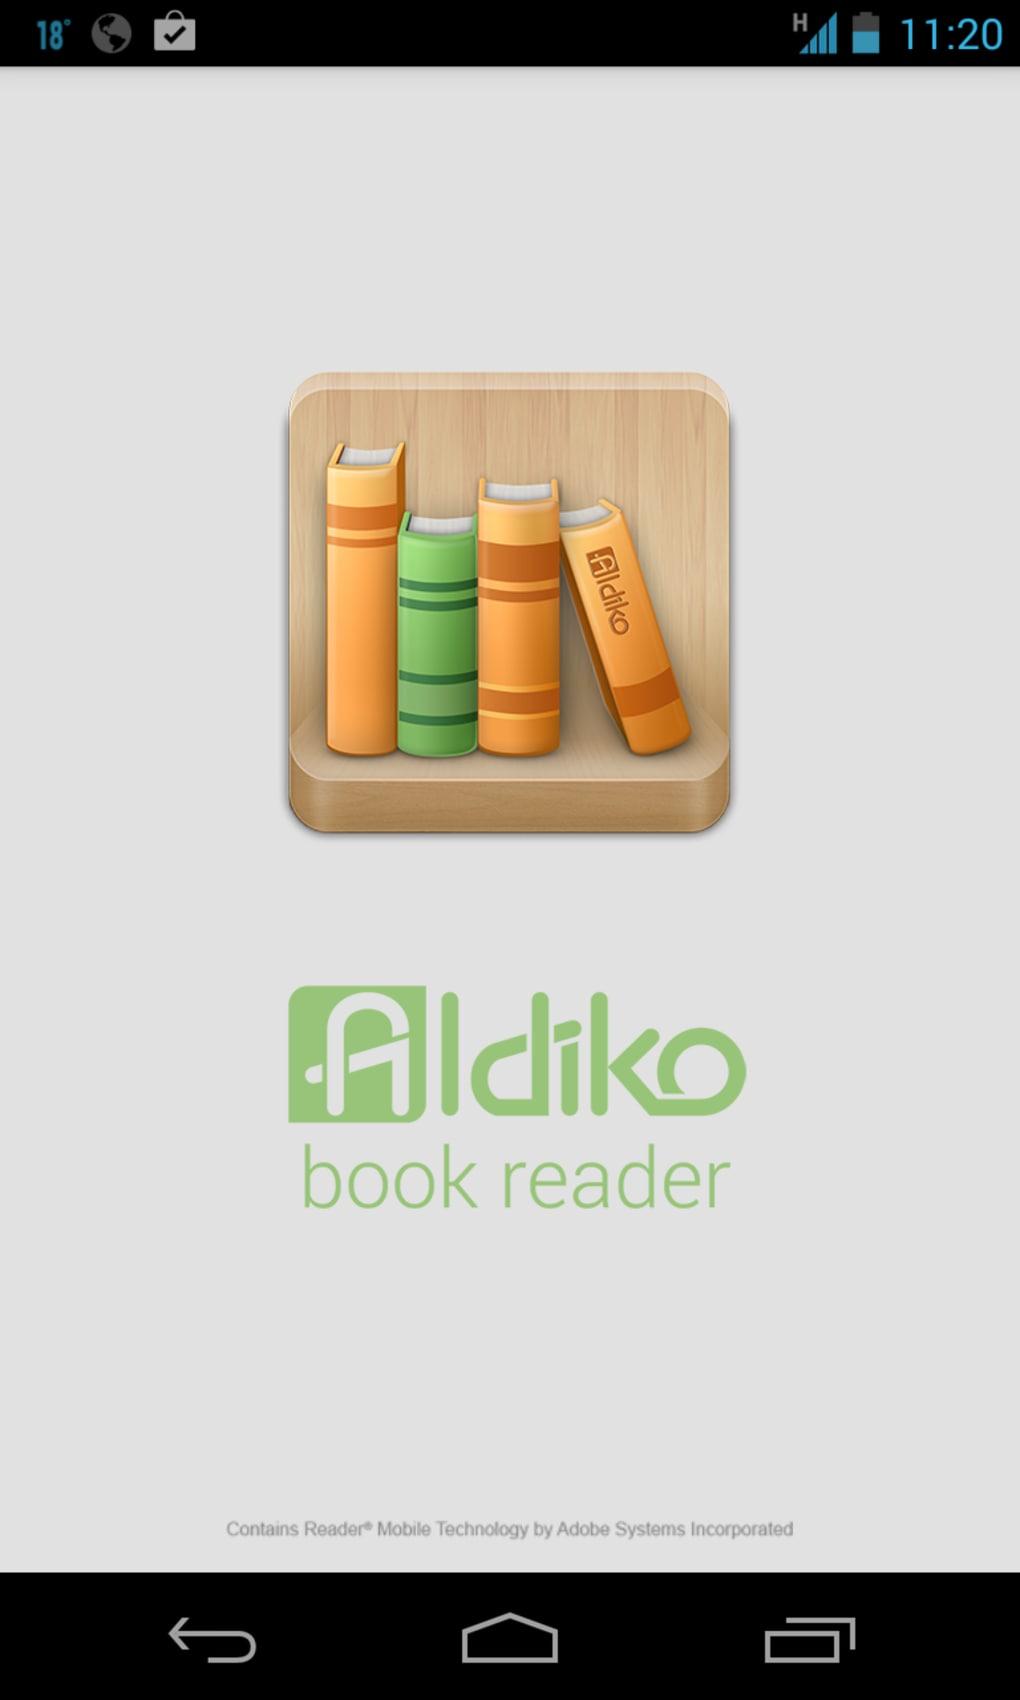 ALDIKO BOOK READER PREMIUM СКАЧАТЬ БЕСПЛАТНО